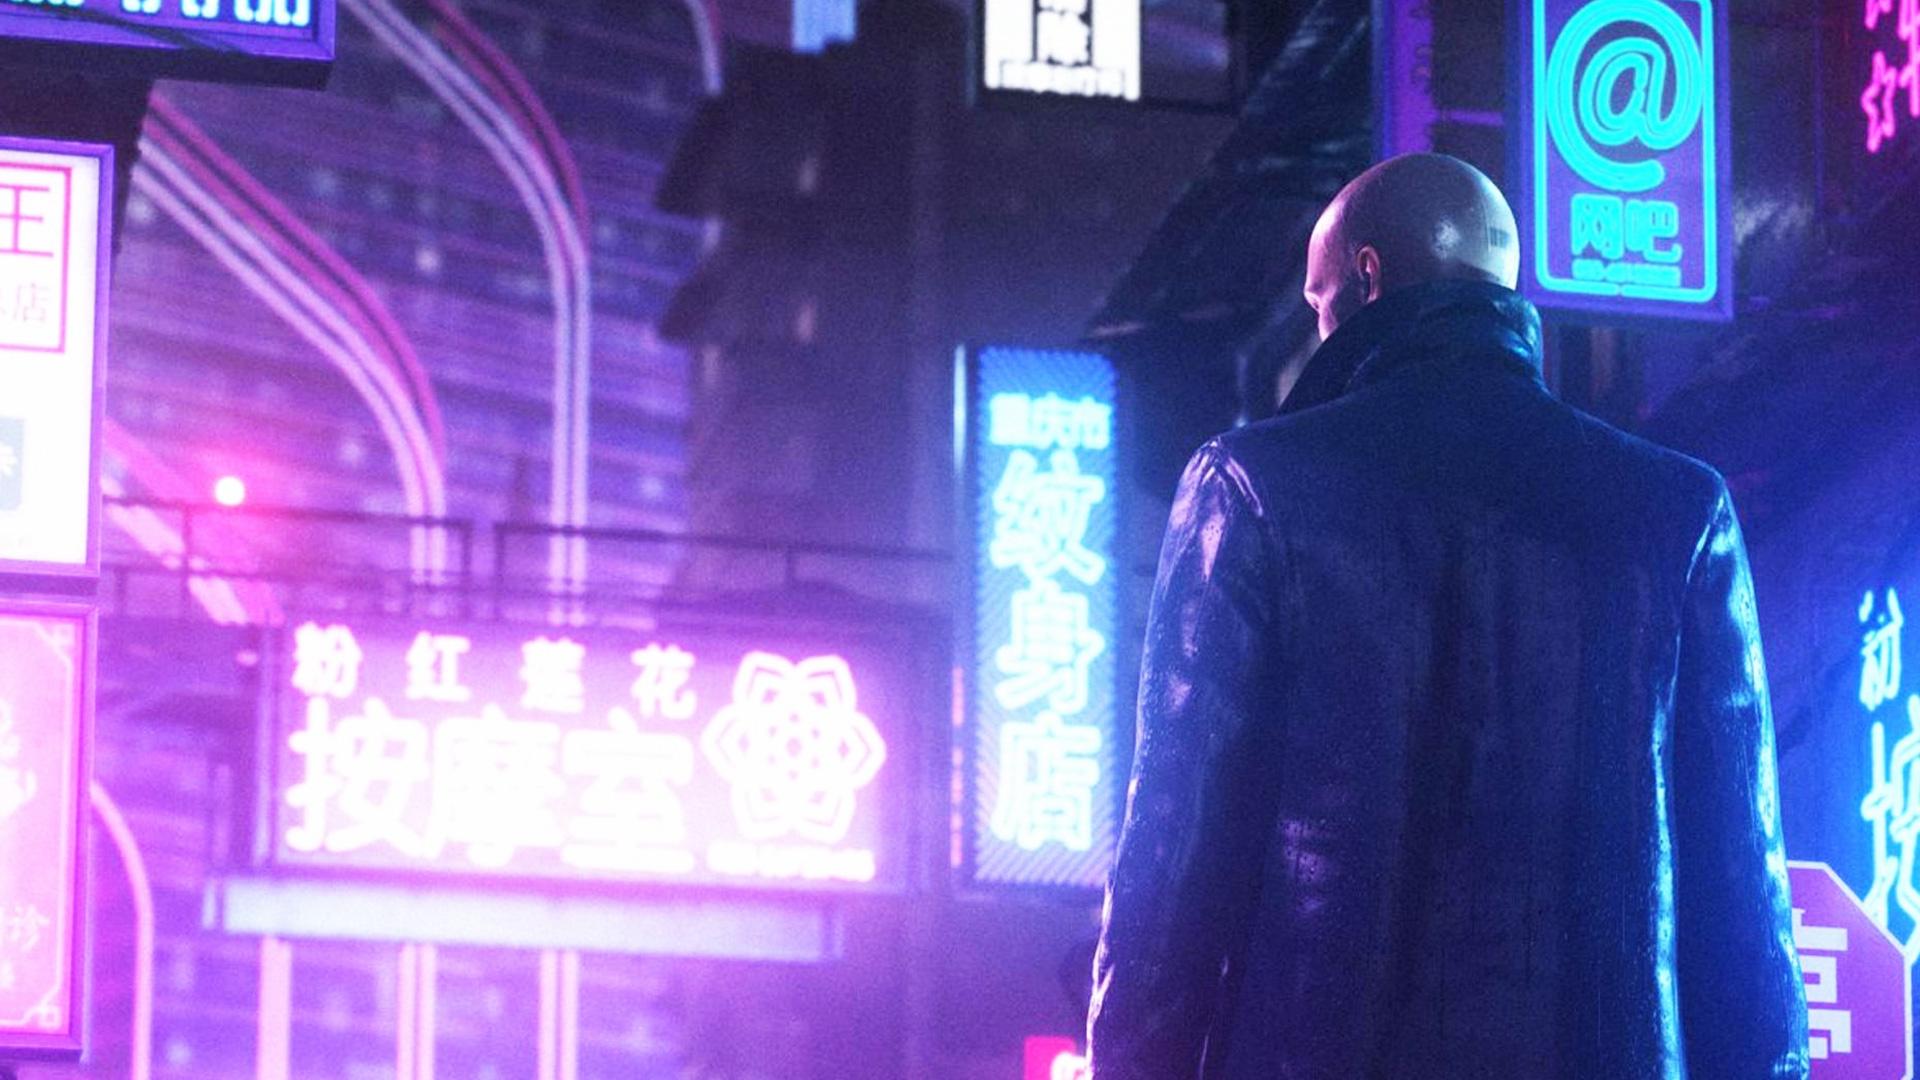 Hitman 3 Chongqing Silent Assassin, Suit Only walkthrough